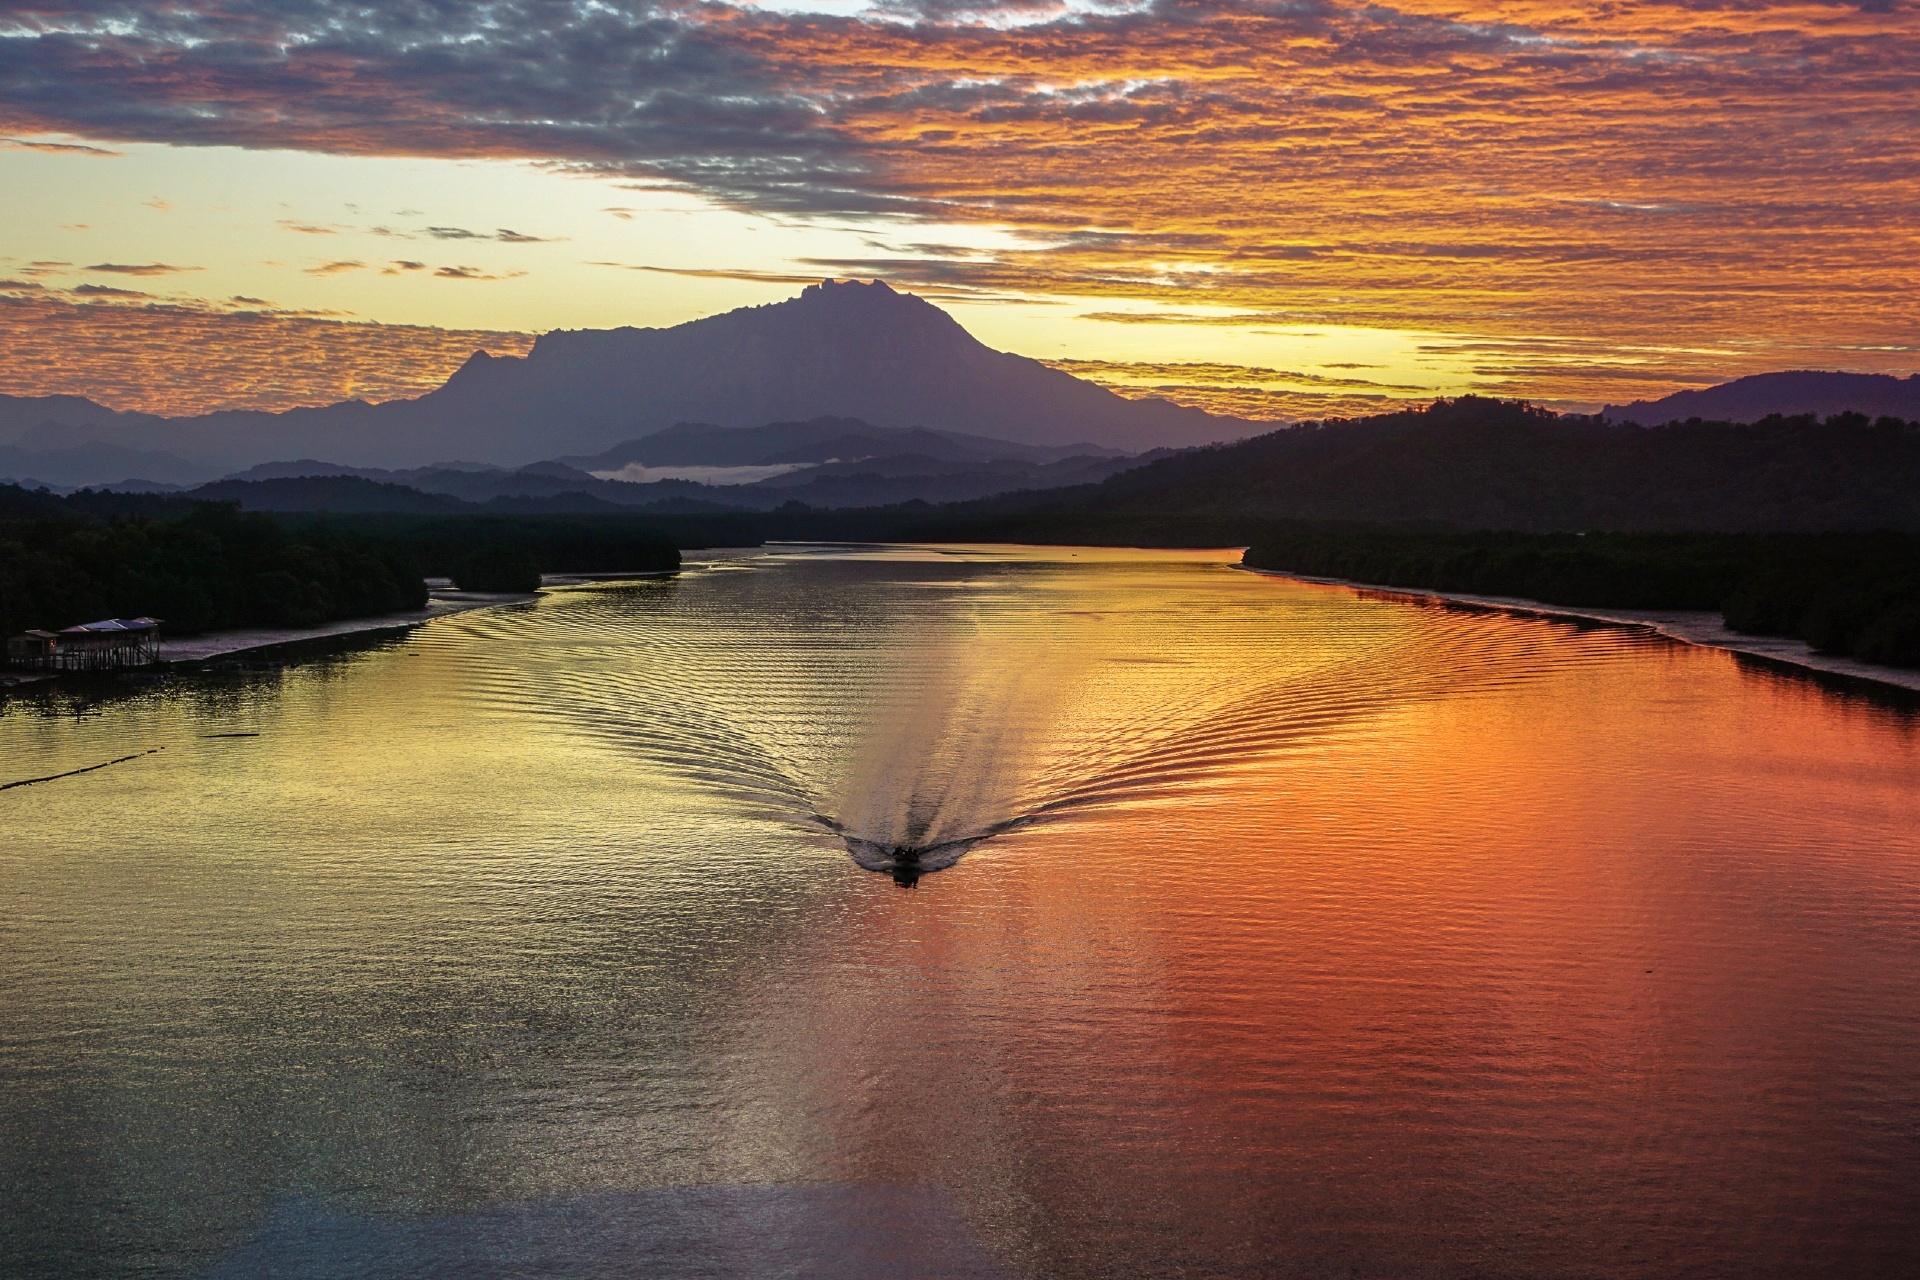 キナバル山と朝のムンカボン川の風景 マレーシアの風景